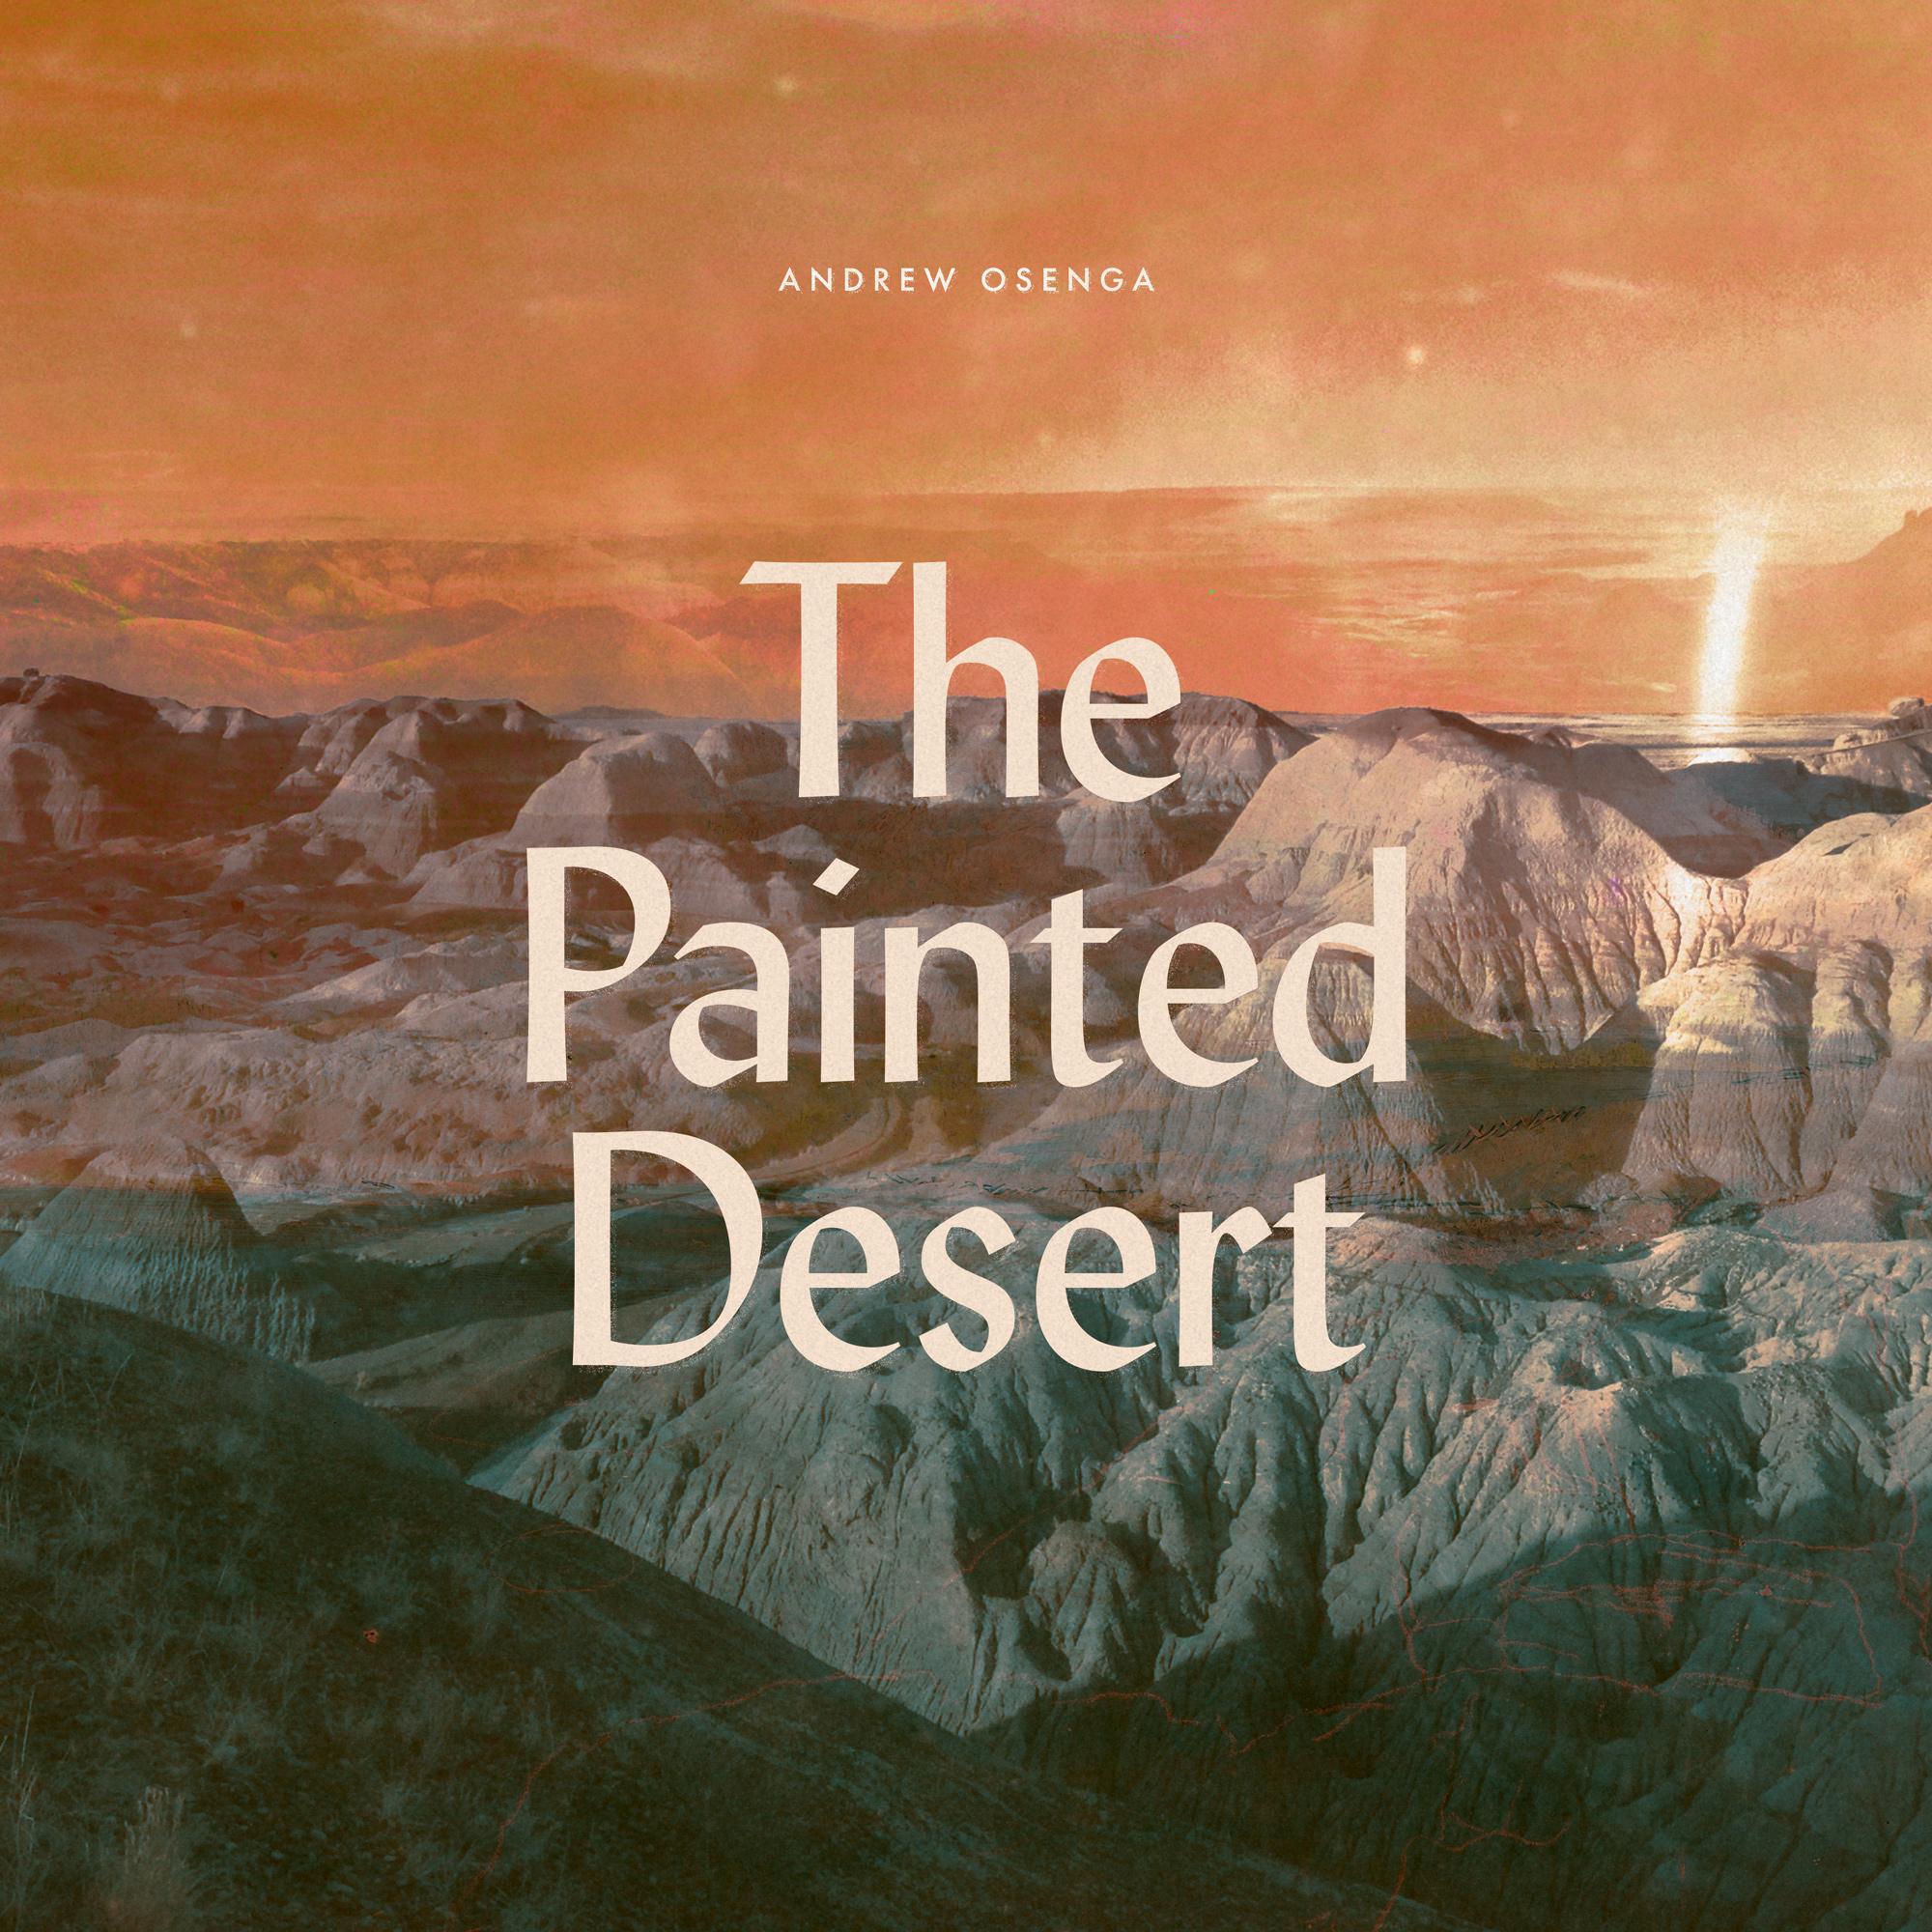 ao-cover-desert-2_cover.jpg